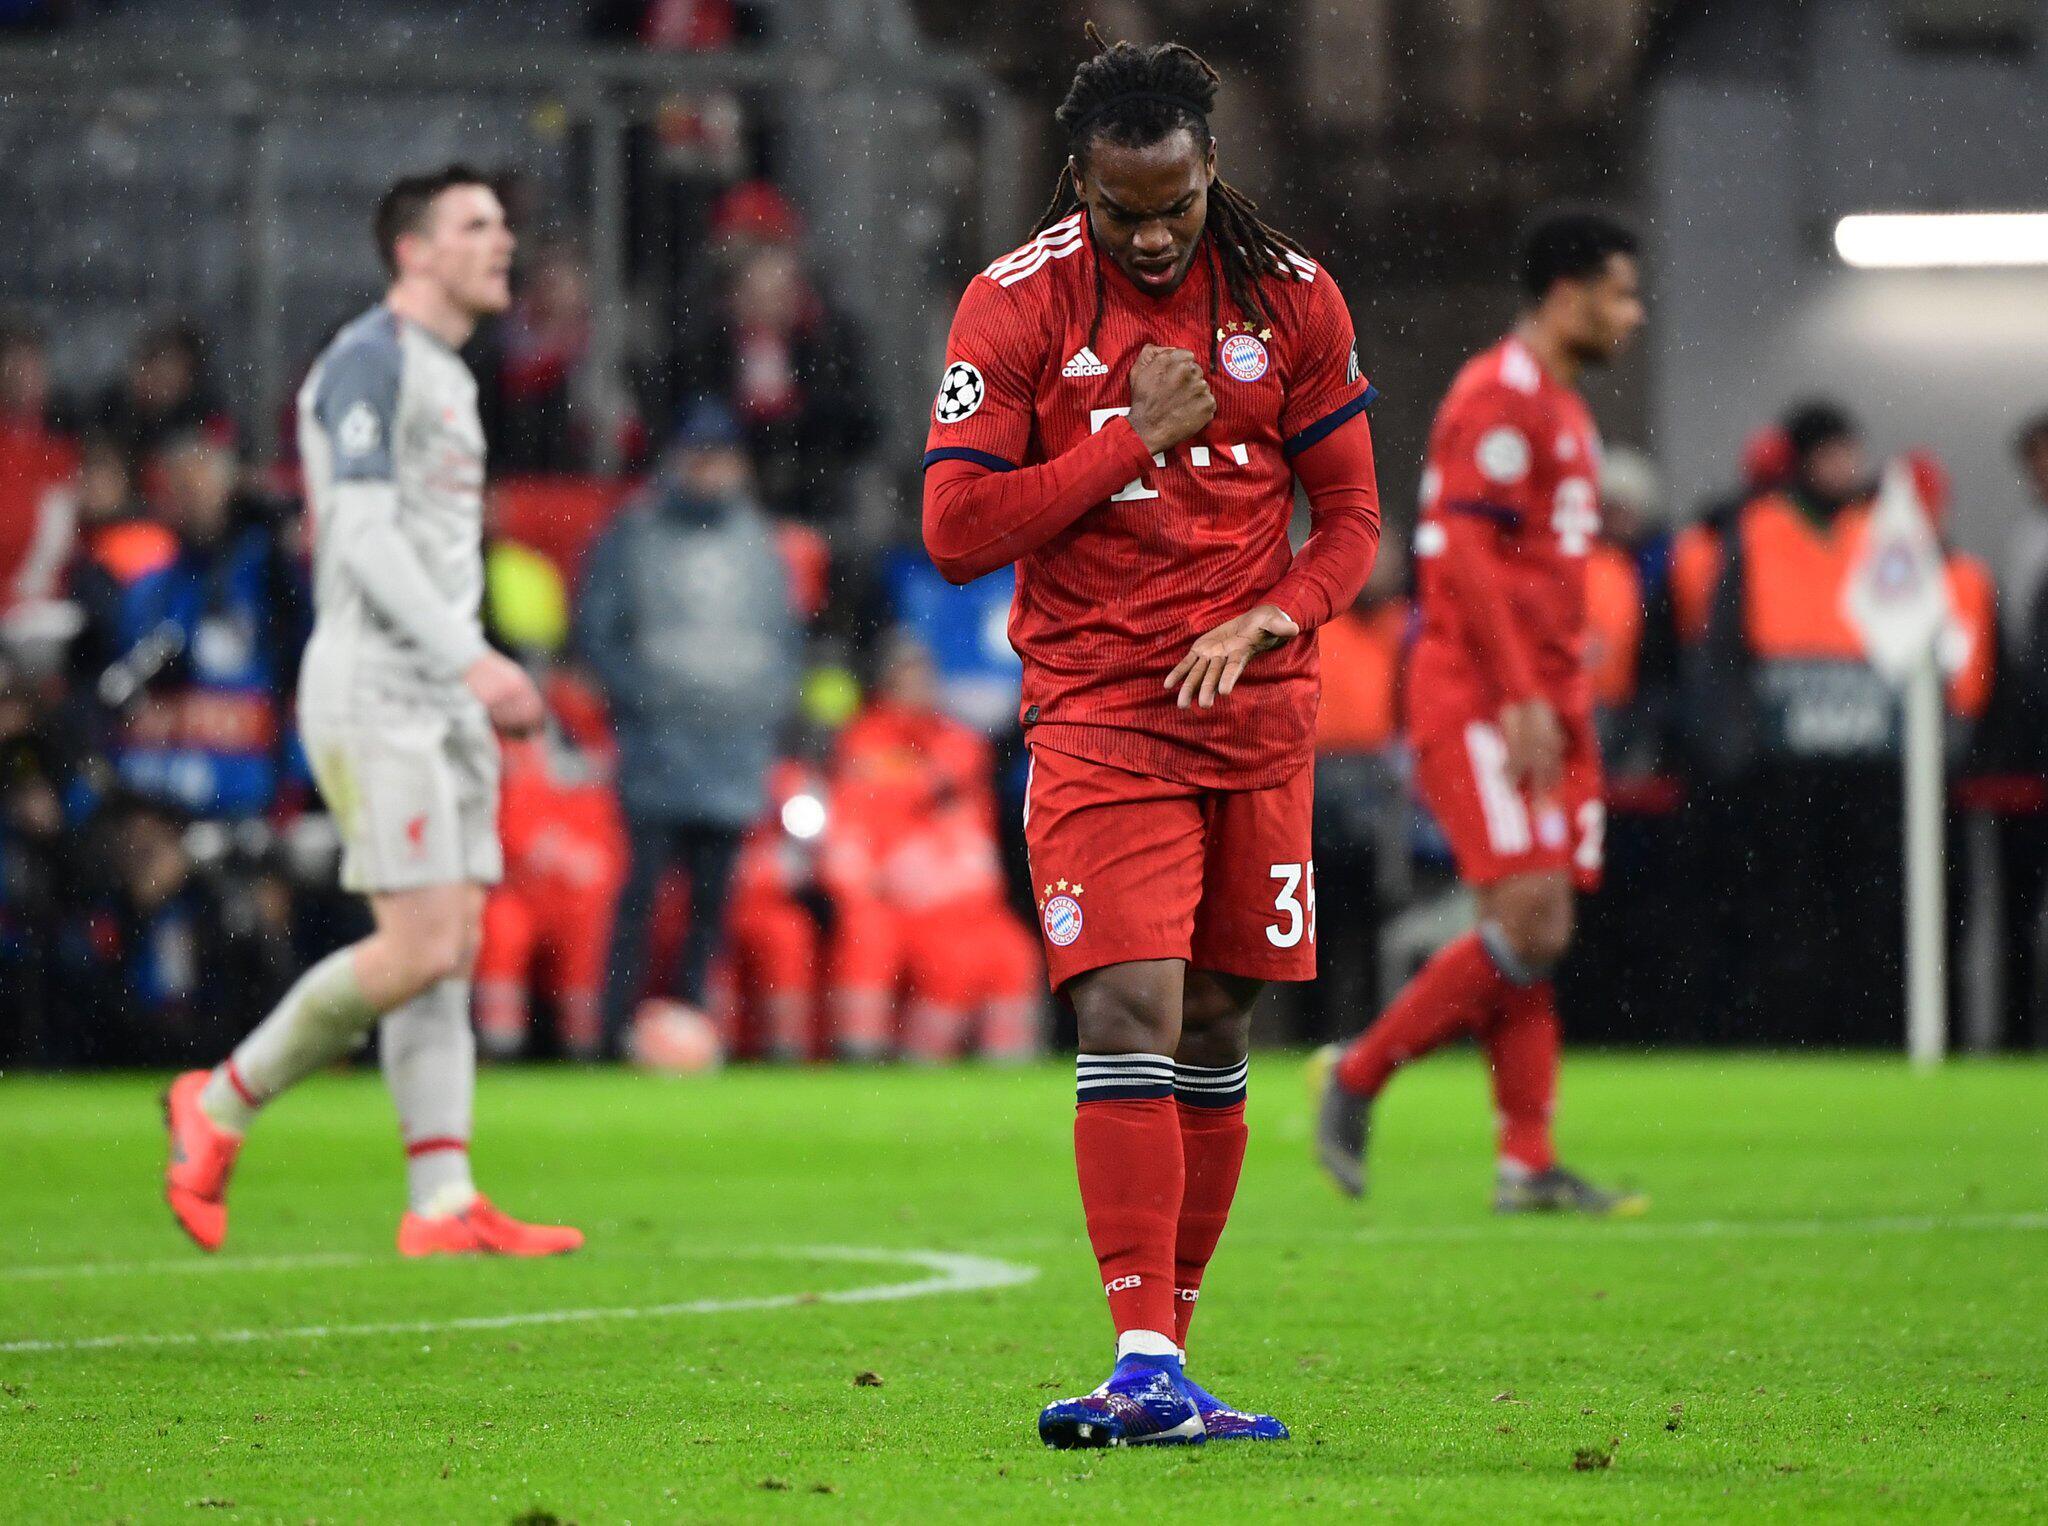 Bild zu Renato Sanches, FC Bayern München, FC Liverpool, Champions League, Achtelfinale, Ausscheiden